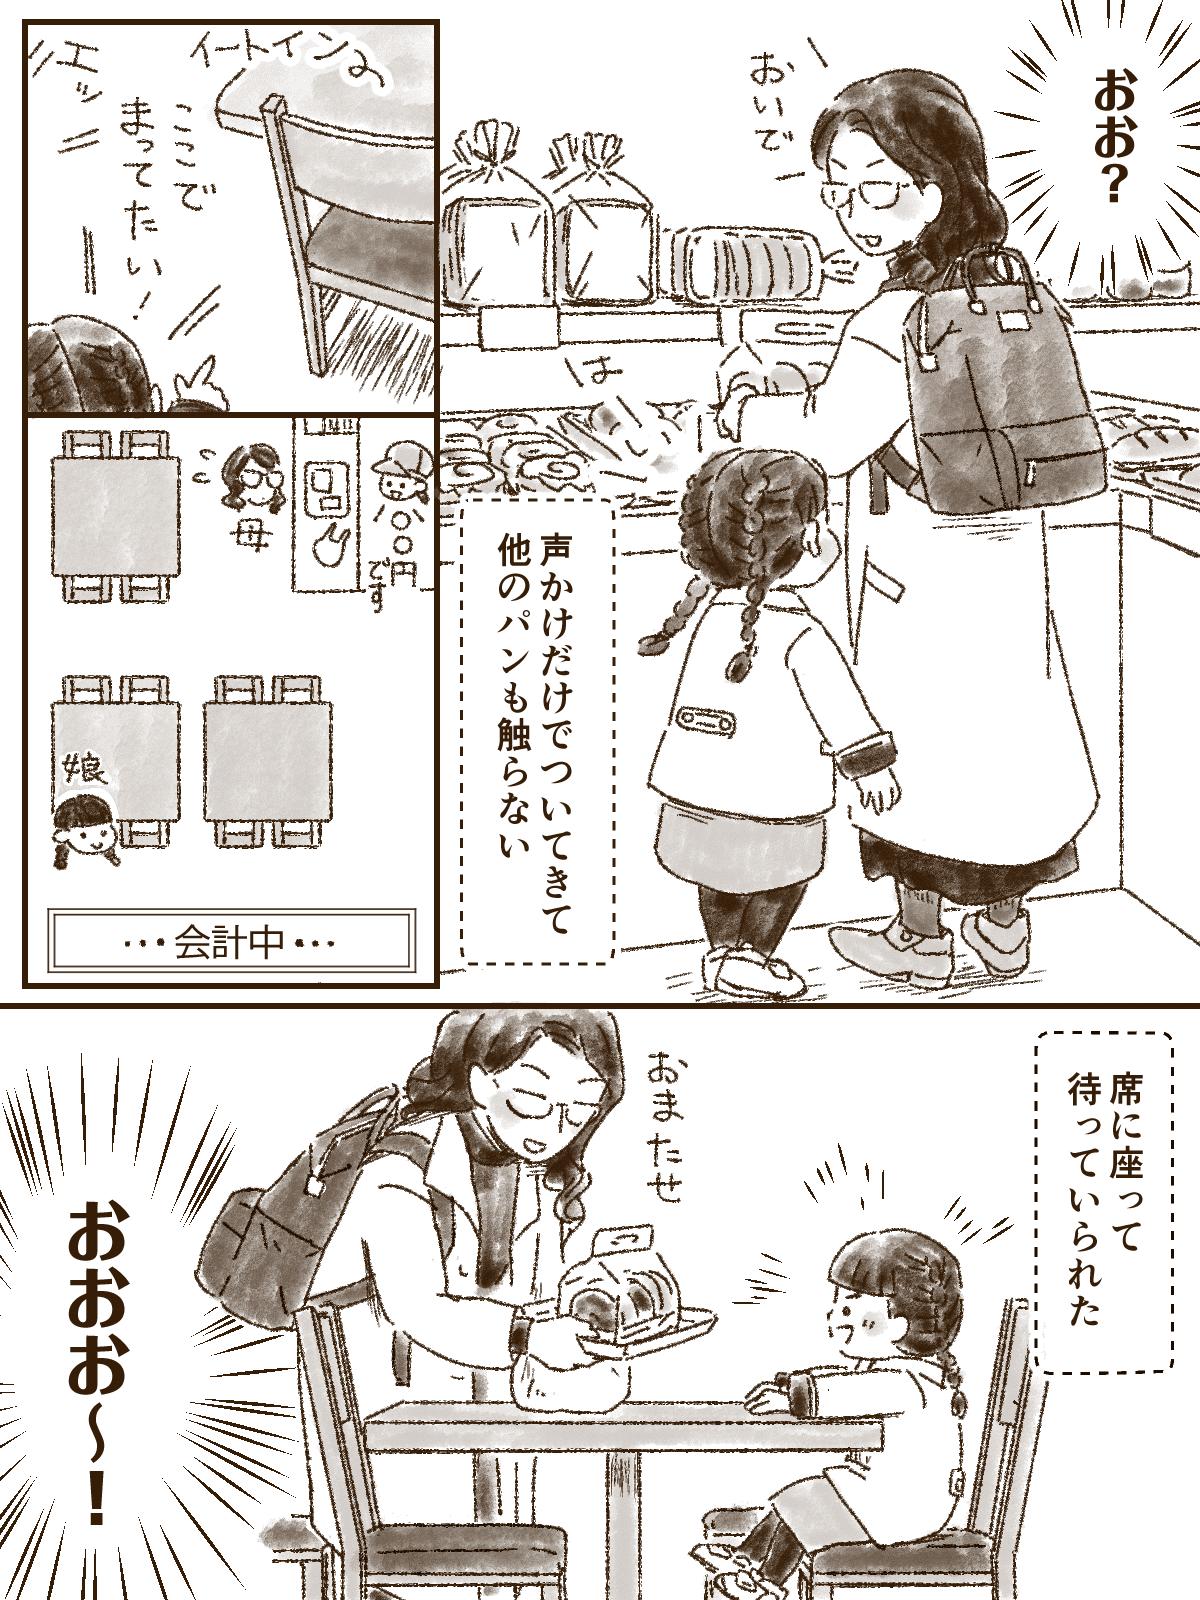 小さな子供とパン屋に行くということ_003